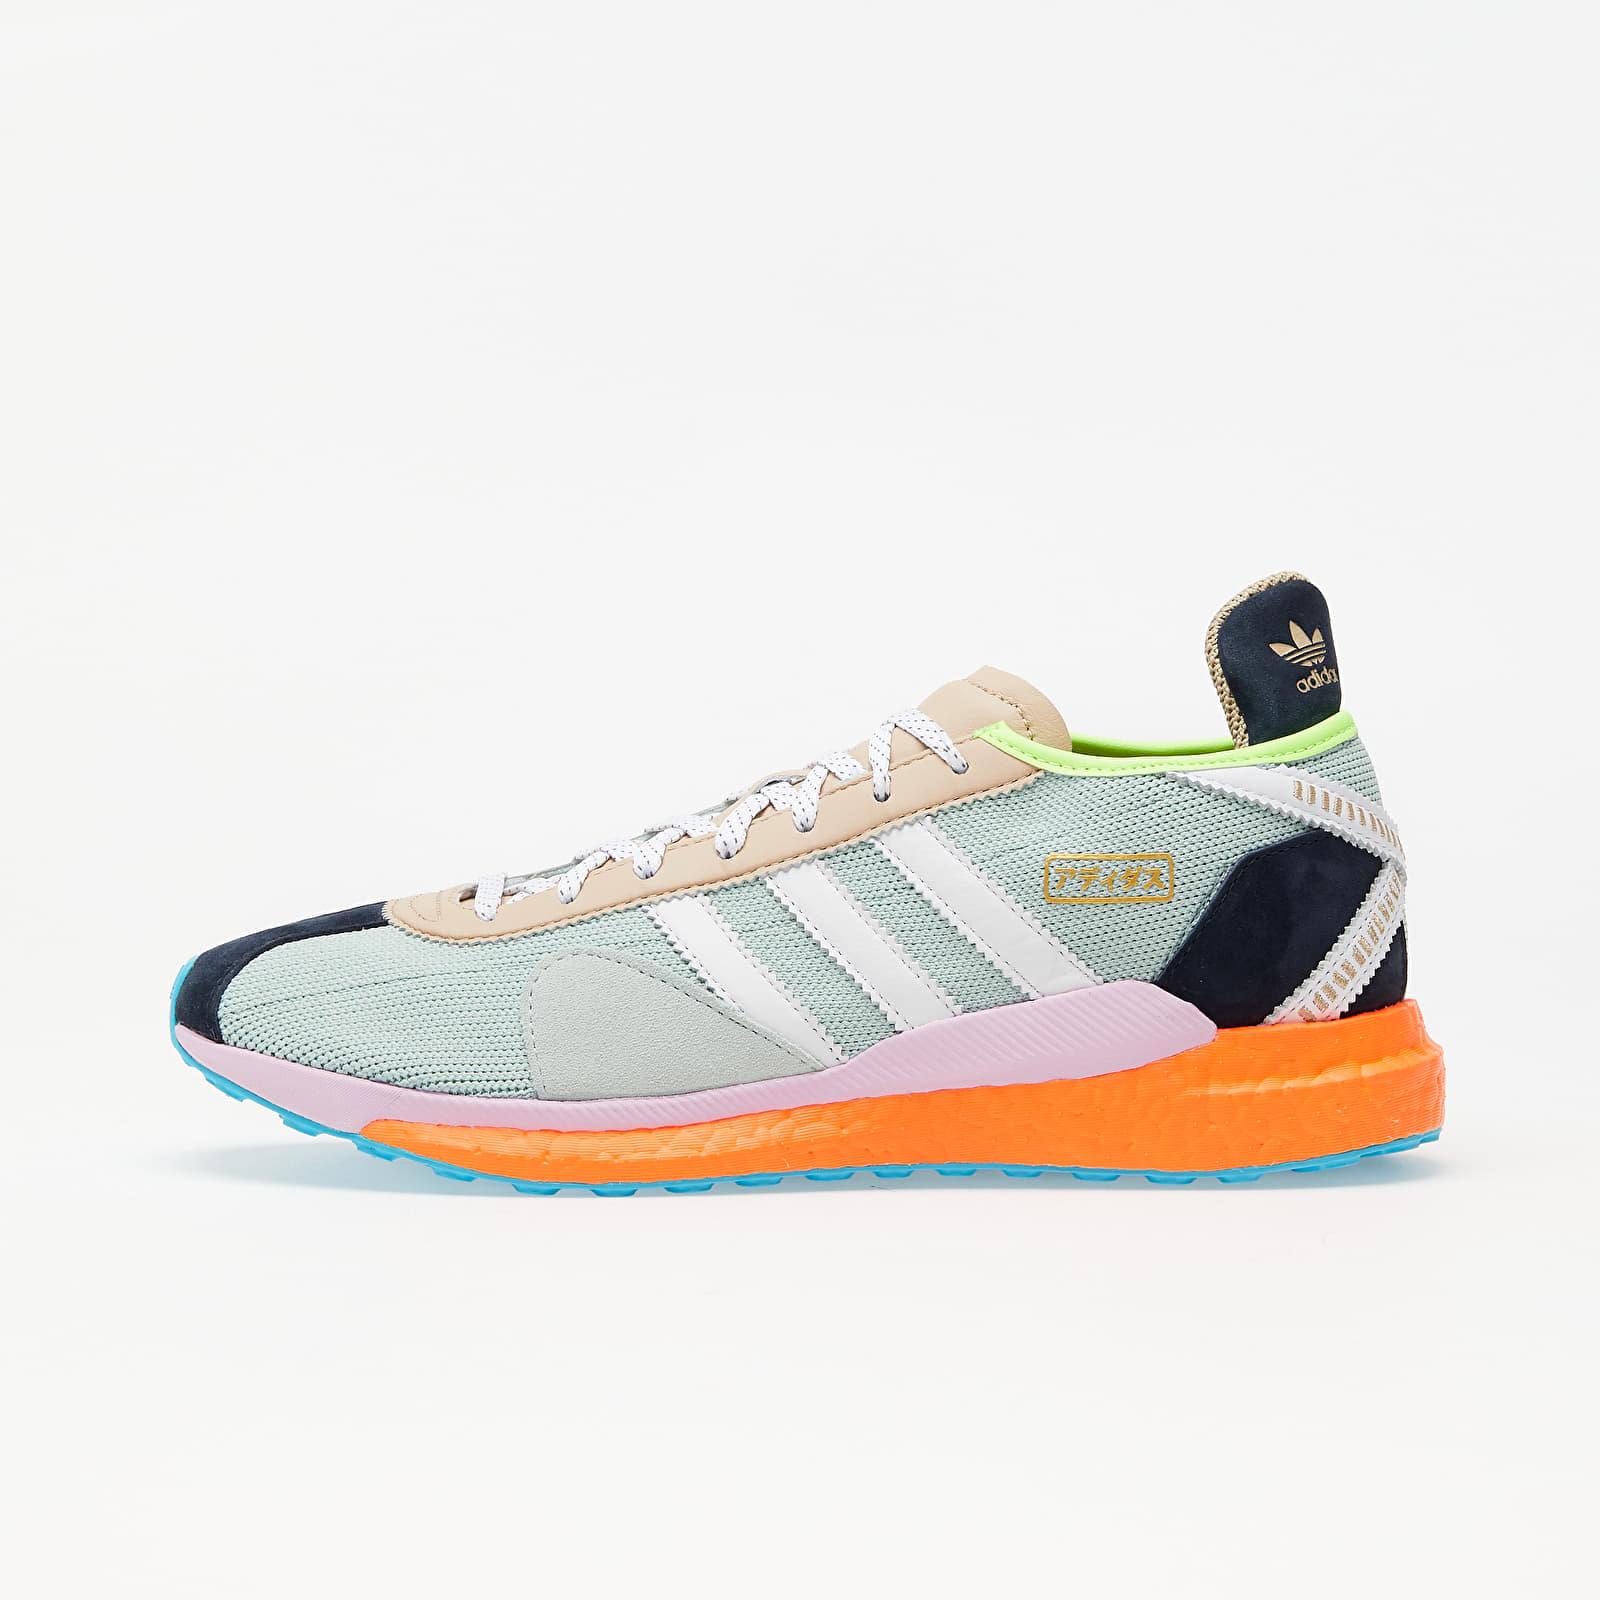 adidas x Pharrell Williams x Nigo Tokio Solar HU Green Tint/ Light Orchid/ Night Navy S42576